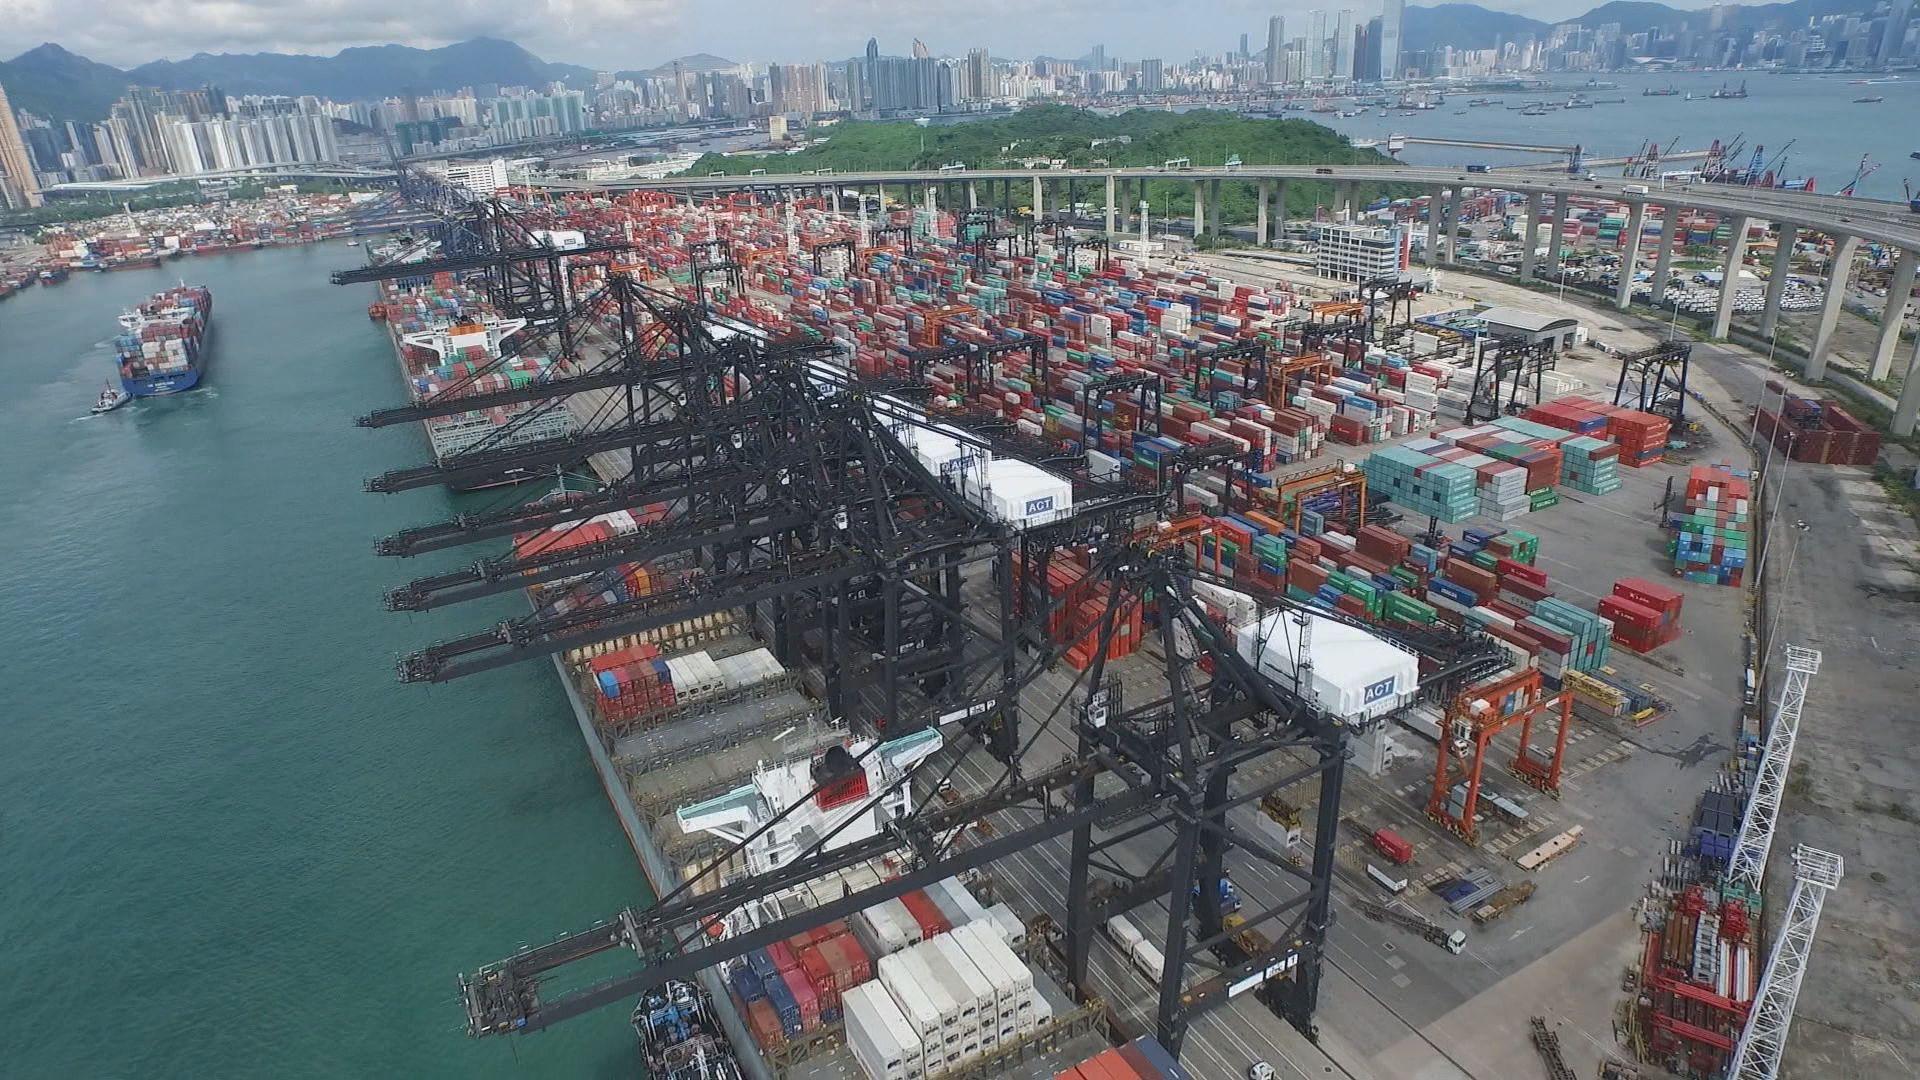 【8月貿易數據勝預期】政府:尚中美摩擦升級勢增出口下行壓力